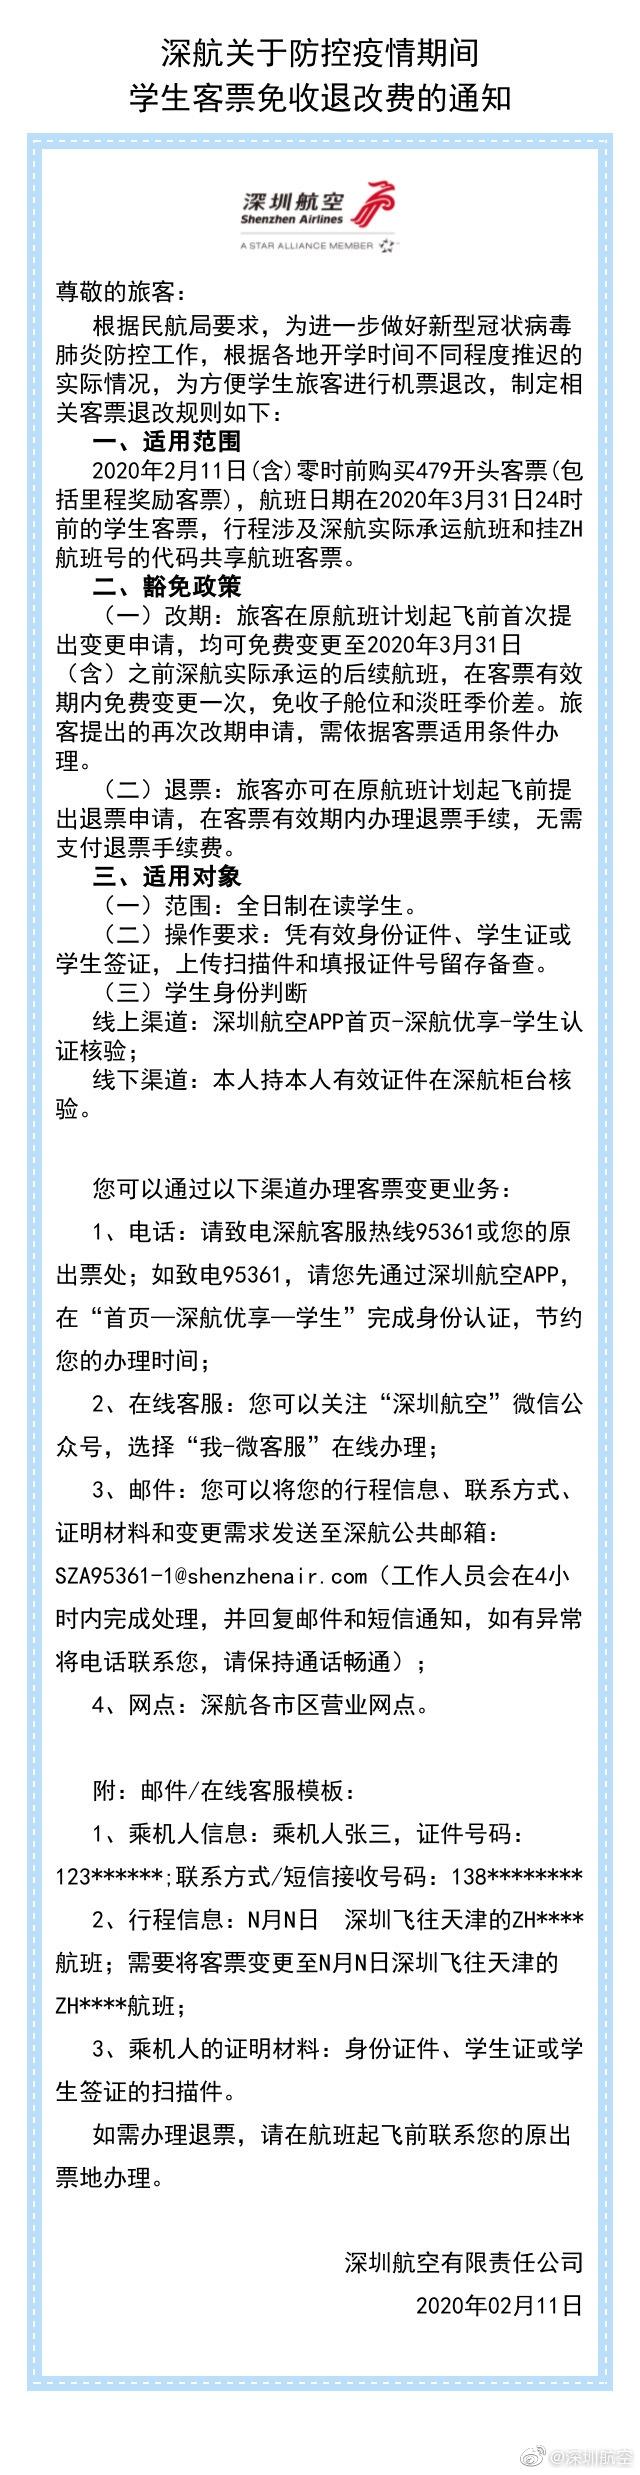 来源:深圳航空微博